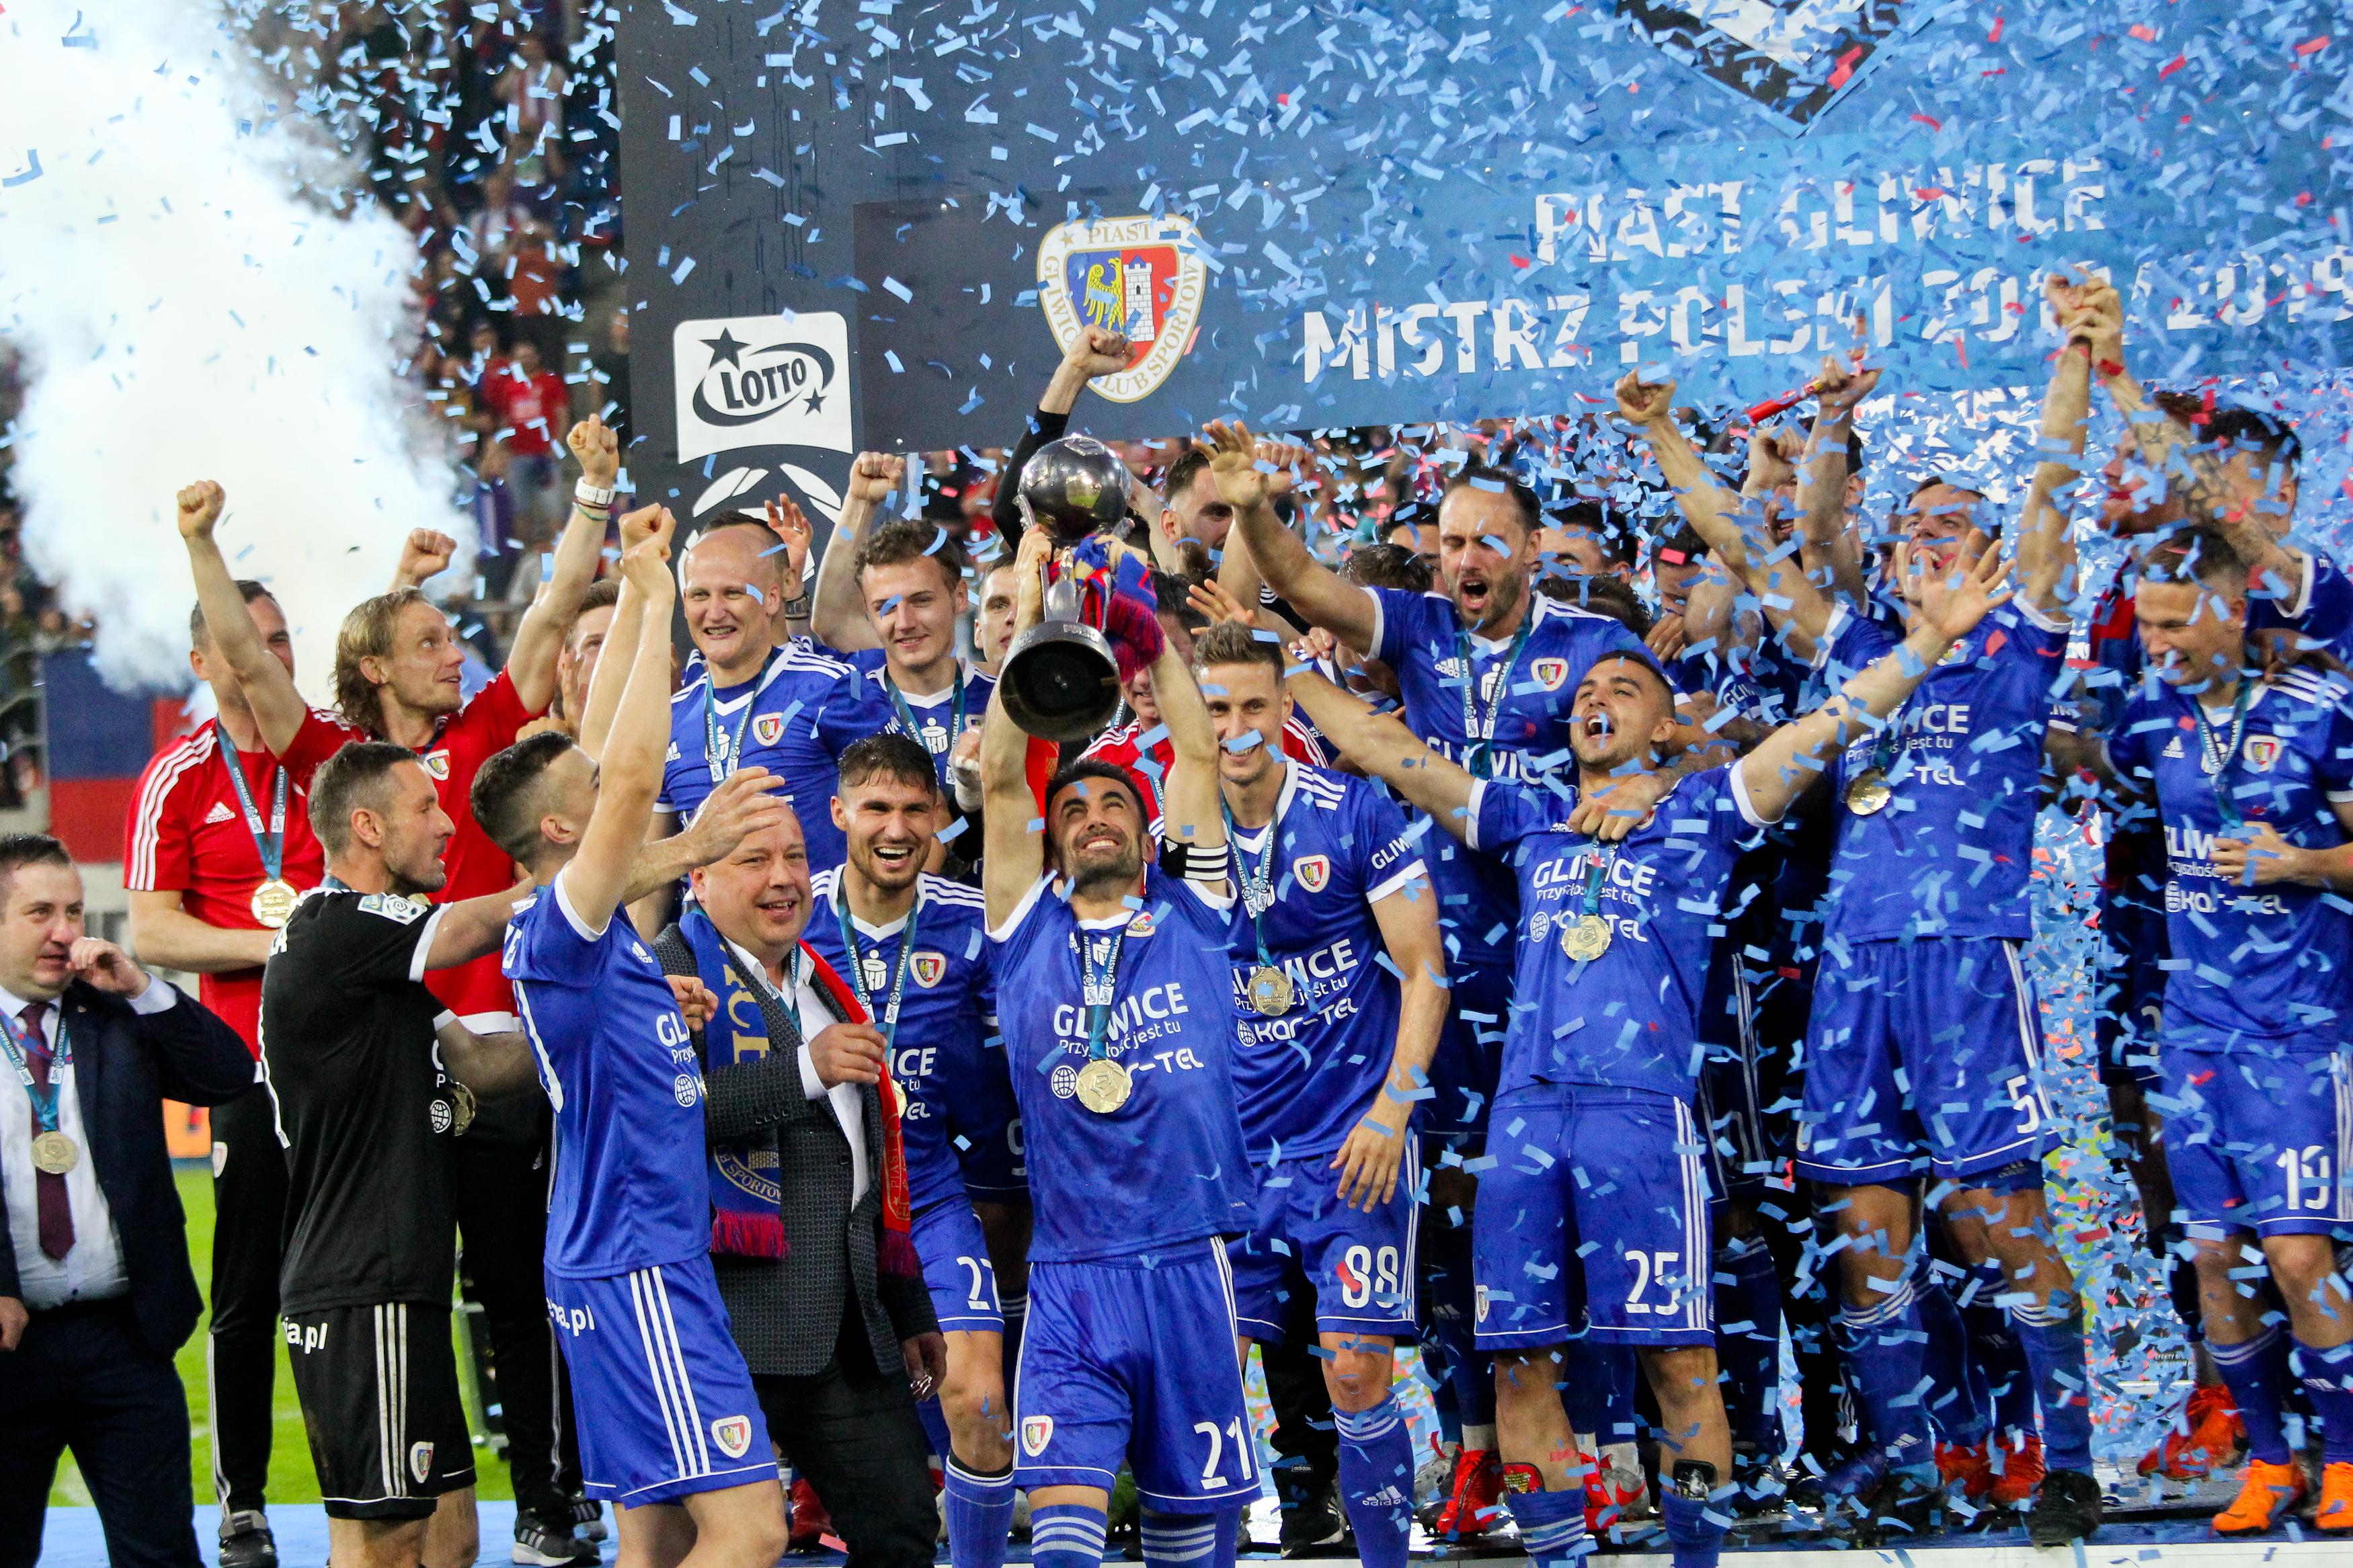 Zawdonicy Piasta Gliwice świętują zwycięstwo